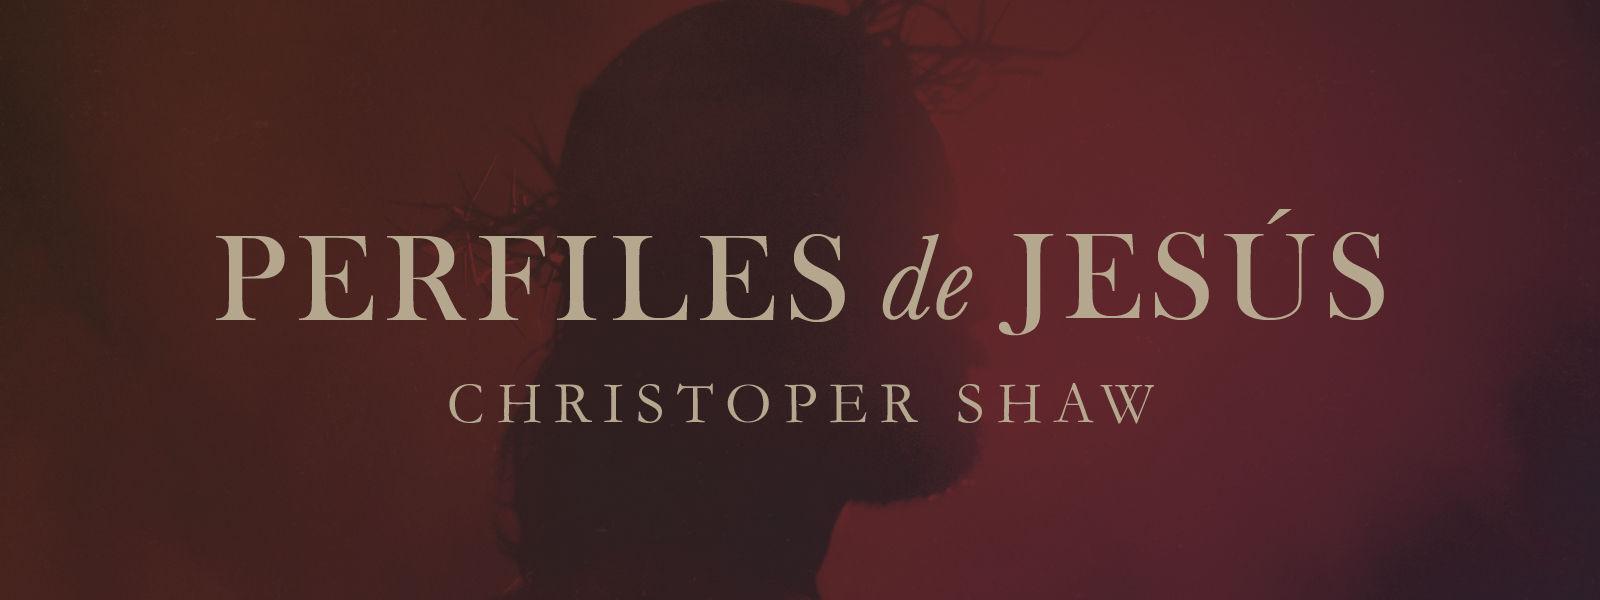 Perfiles de Jesús